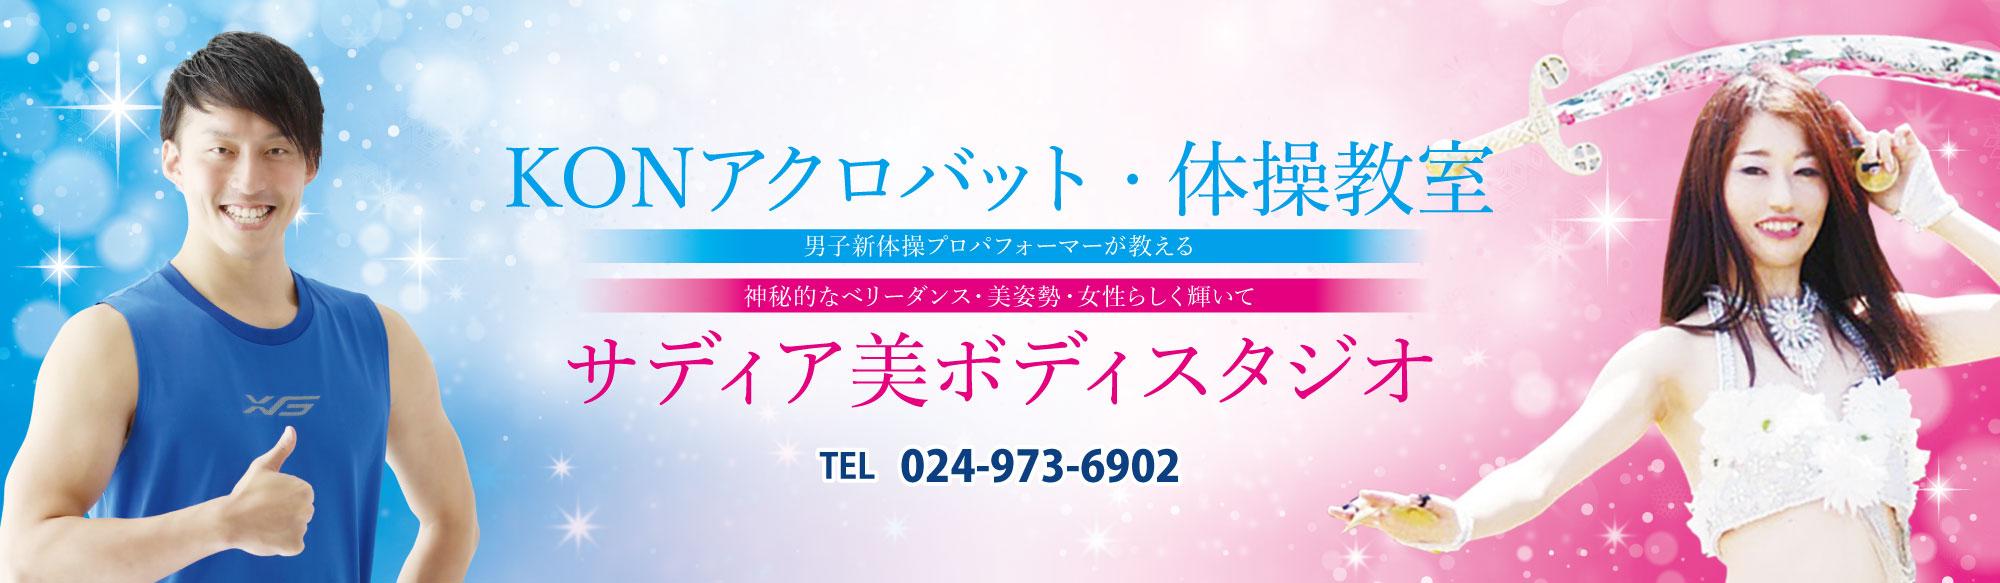 KONアクロバット・体操教室&サディア美ボディスタジオ